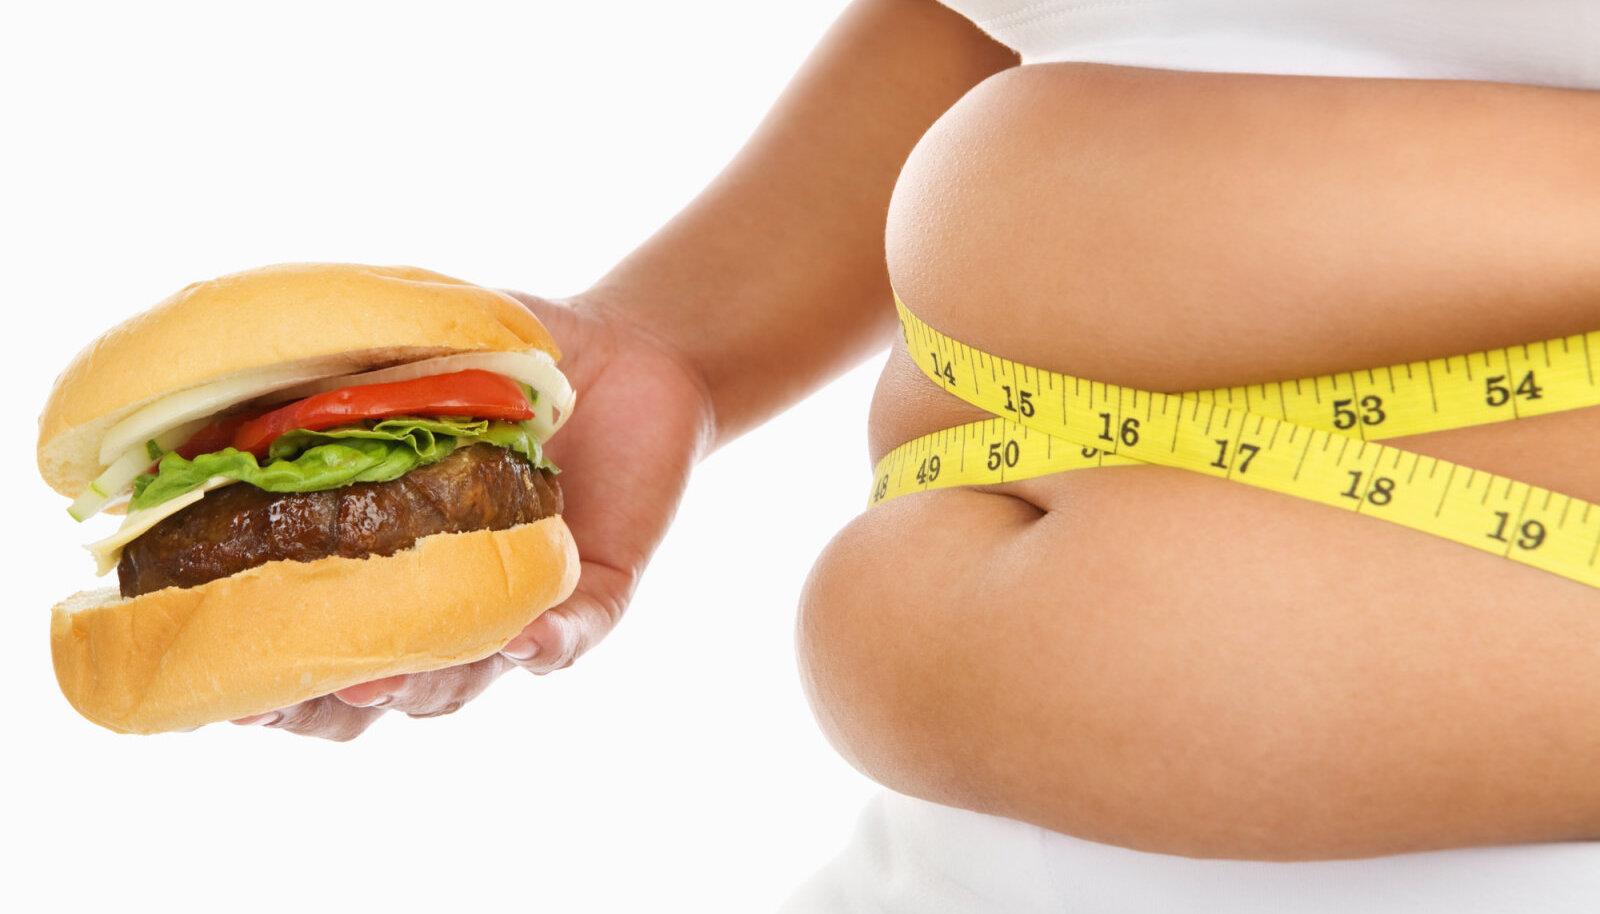 Ülesöömise tegelik põhjus seisneb selles, et me lihtsalt saame süüa nii palju, kui süda lustib